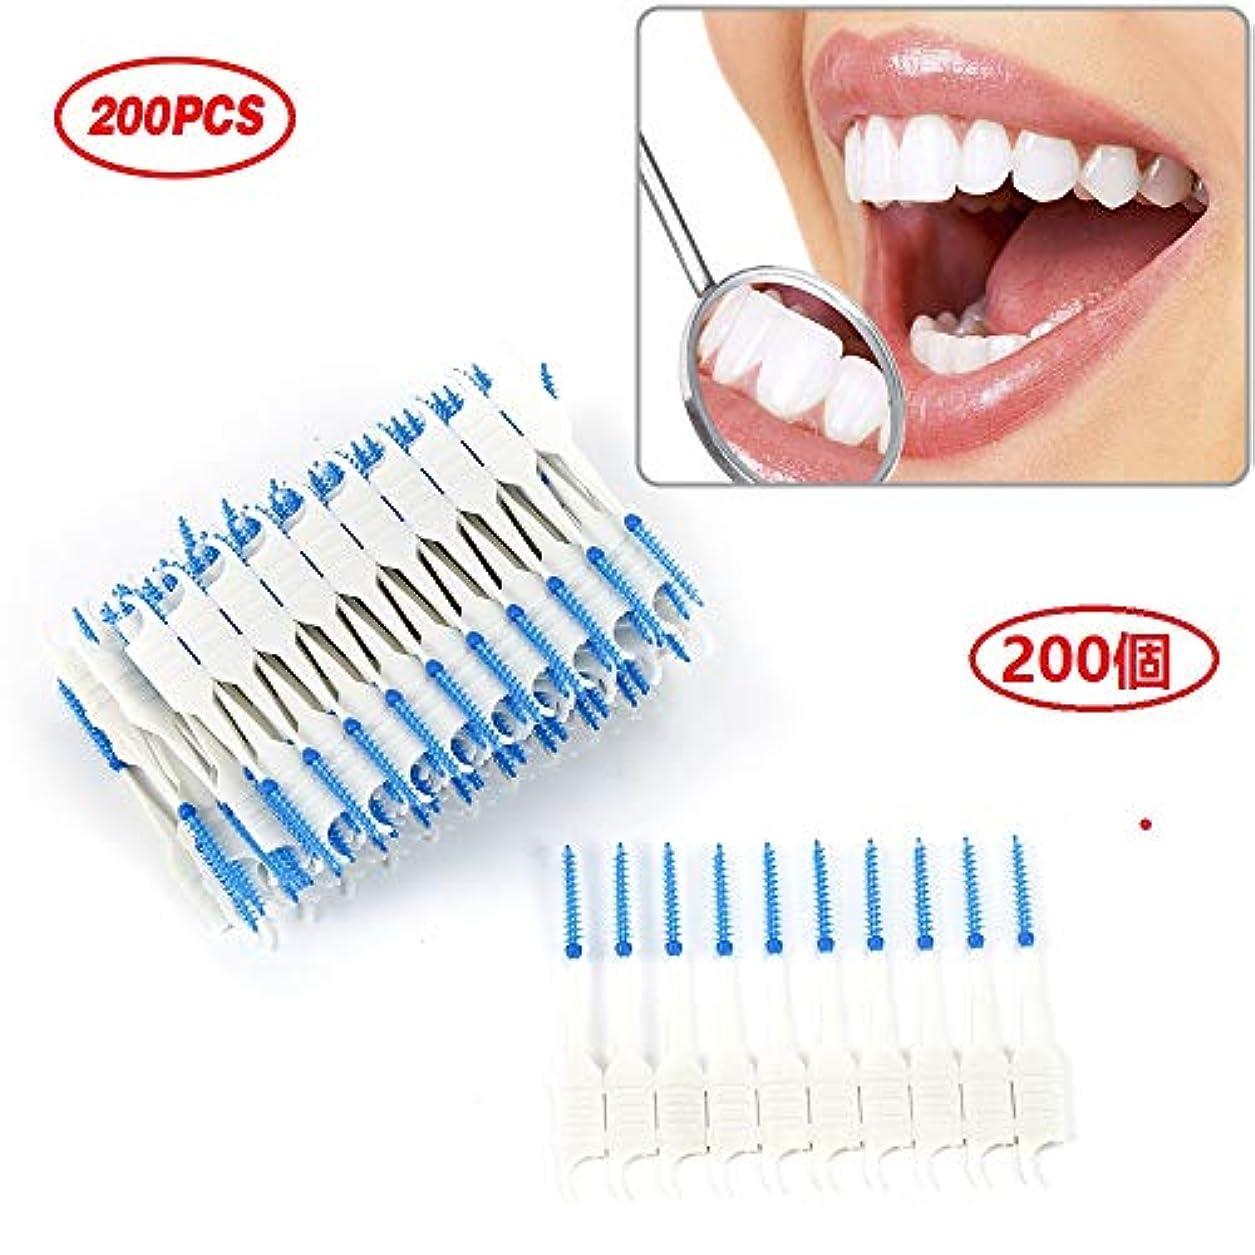 トレッド種をまくガム200ピース歯のクリーニングオーラルケア歯フロス口腔衛生デンタルフロスソフト歯間二重つまようじ健康ツール 200 Pcs Teeth Cleaning Oral Care Tooth Floss Hygiene Dental...